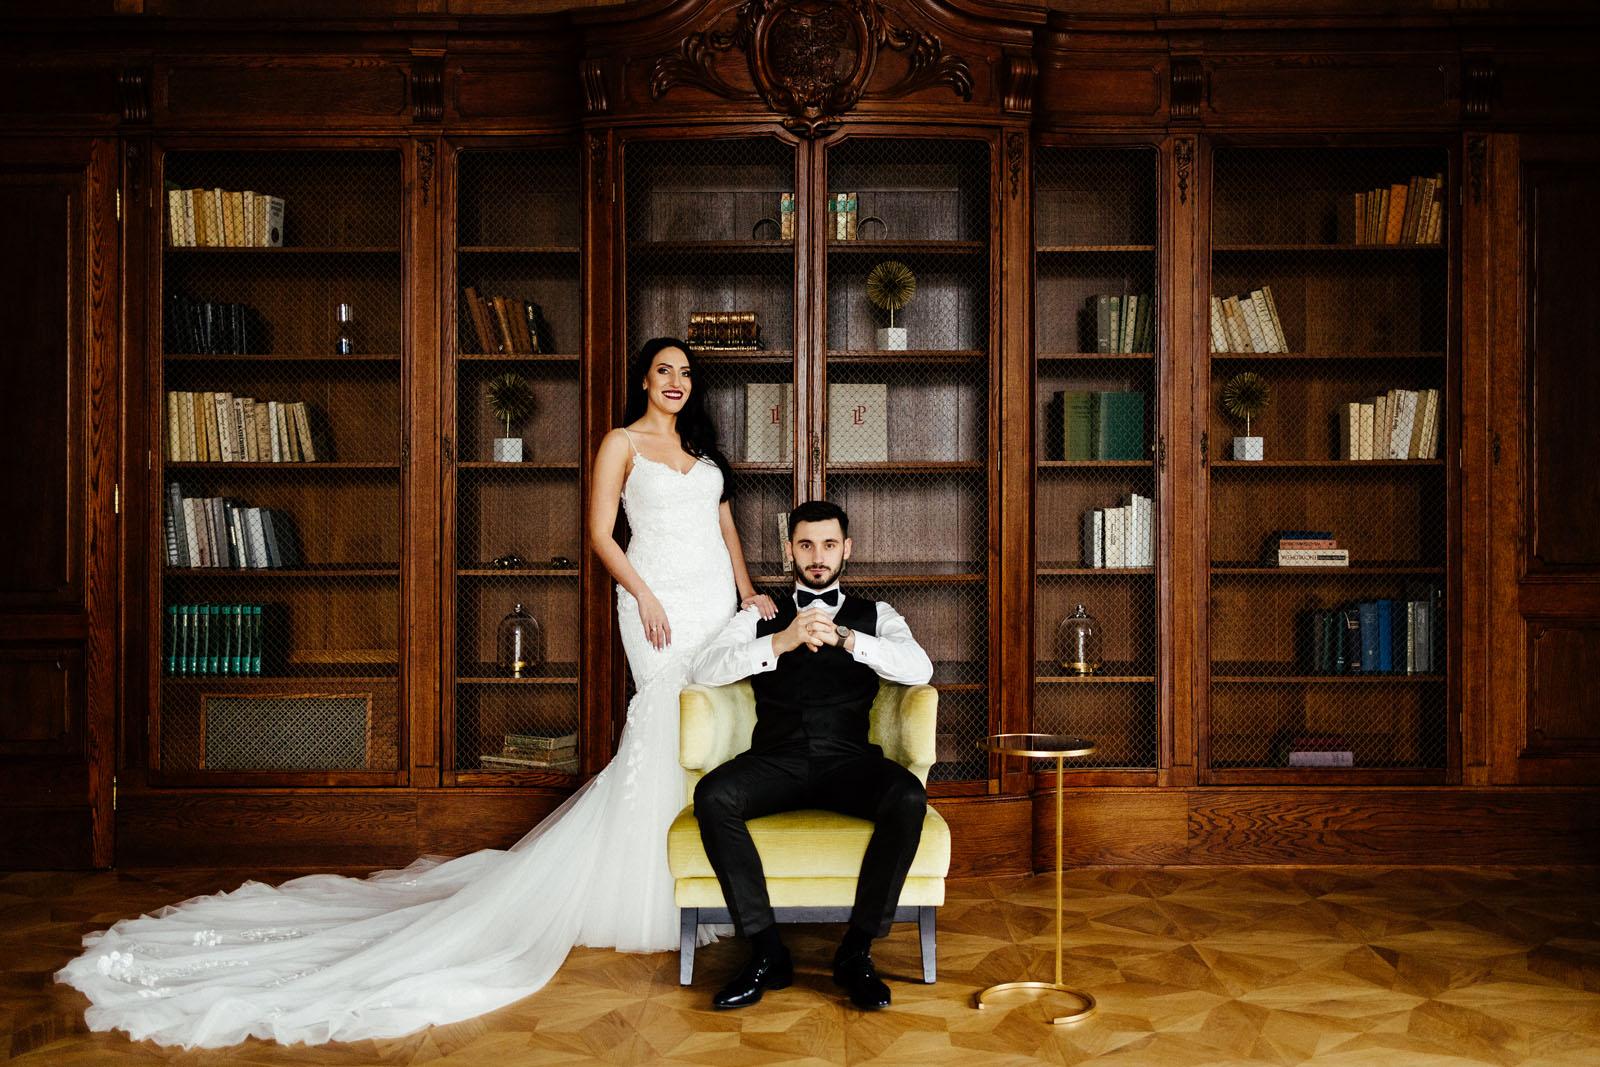 piękny plener ślubny w Pałacu Goetz'a